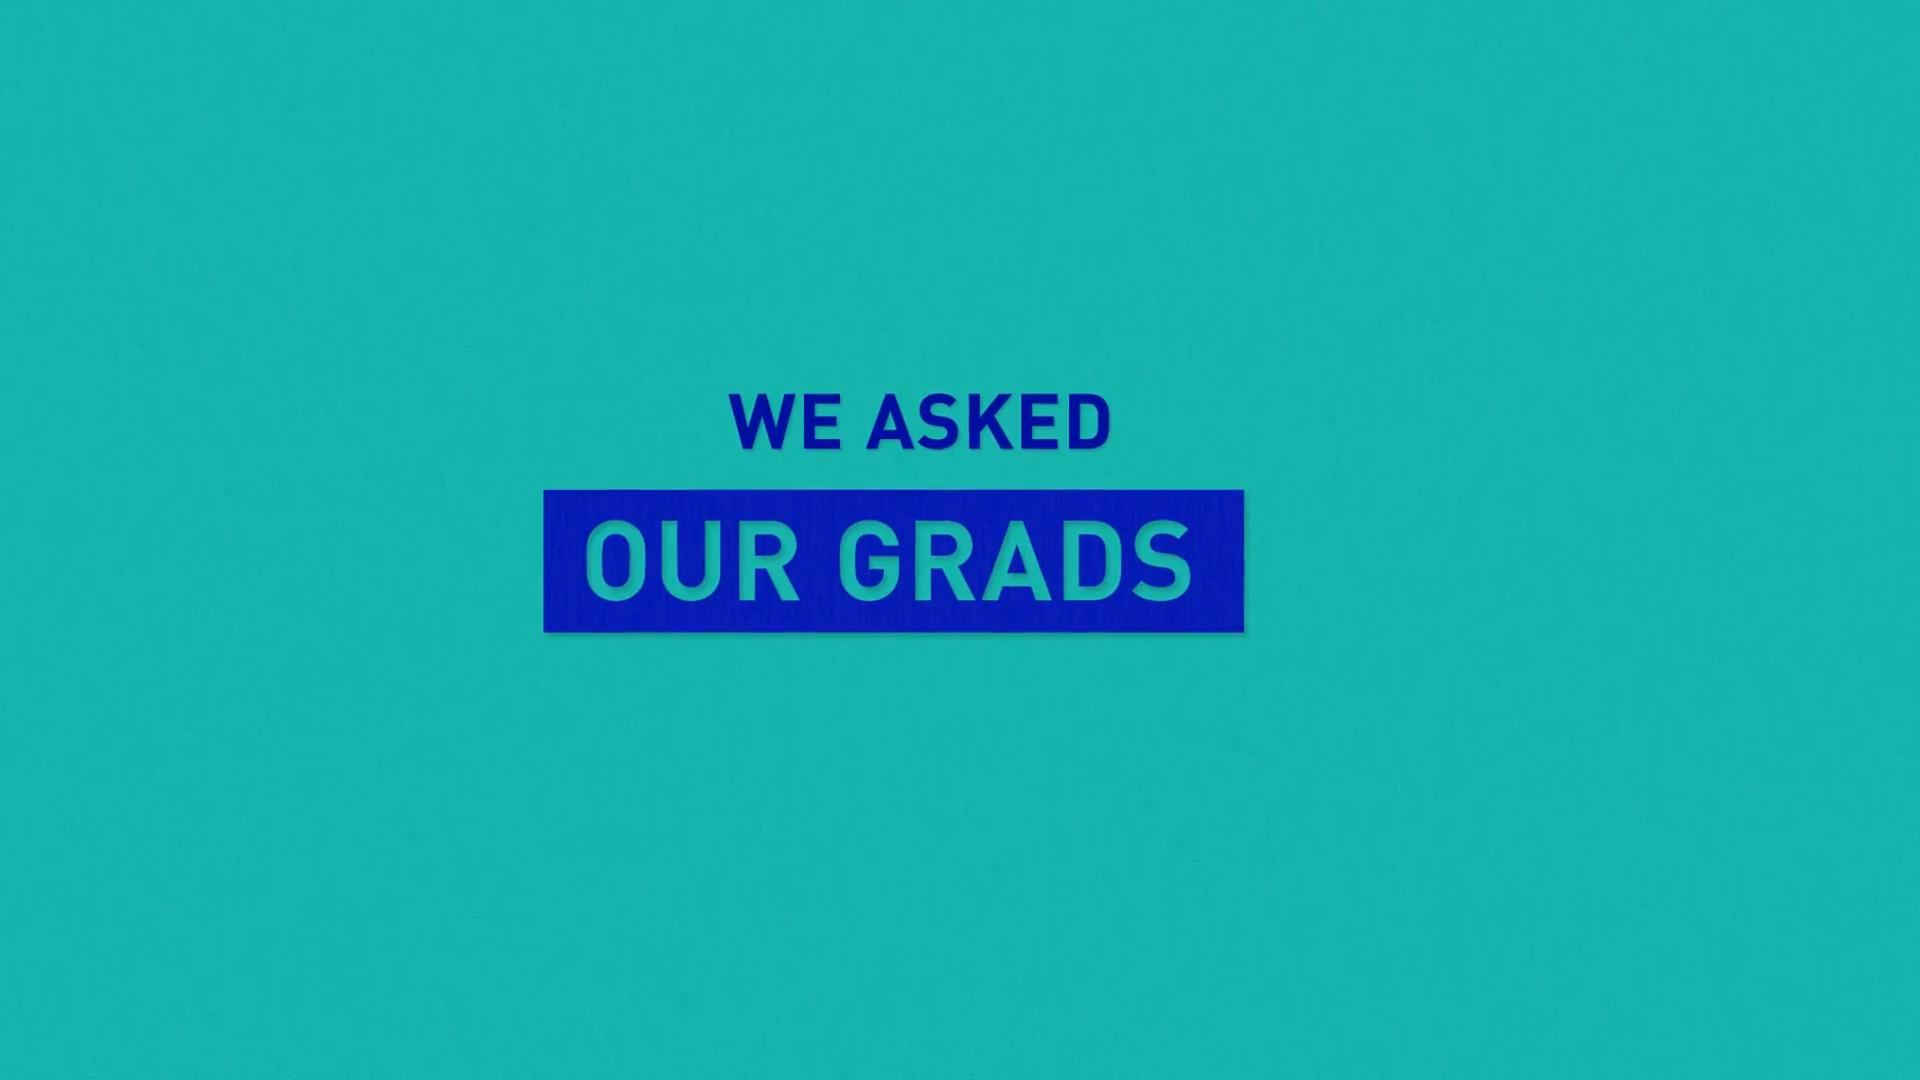 we asked our grads splash image